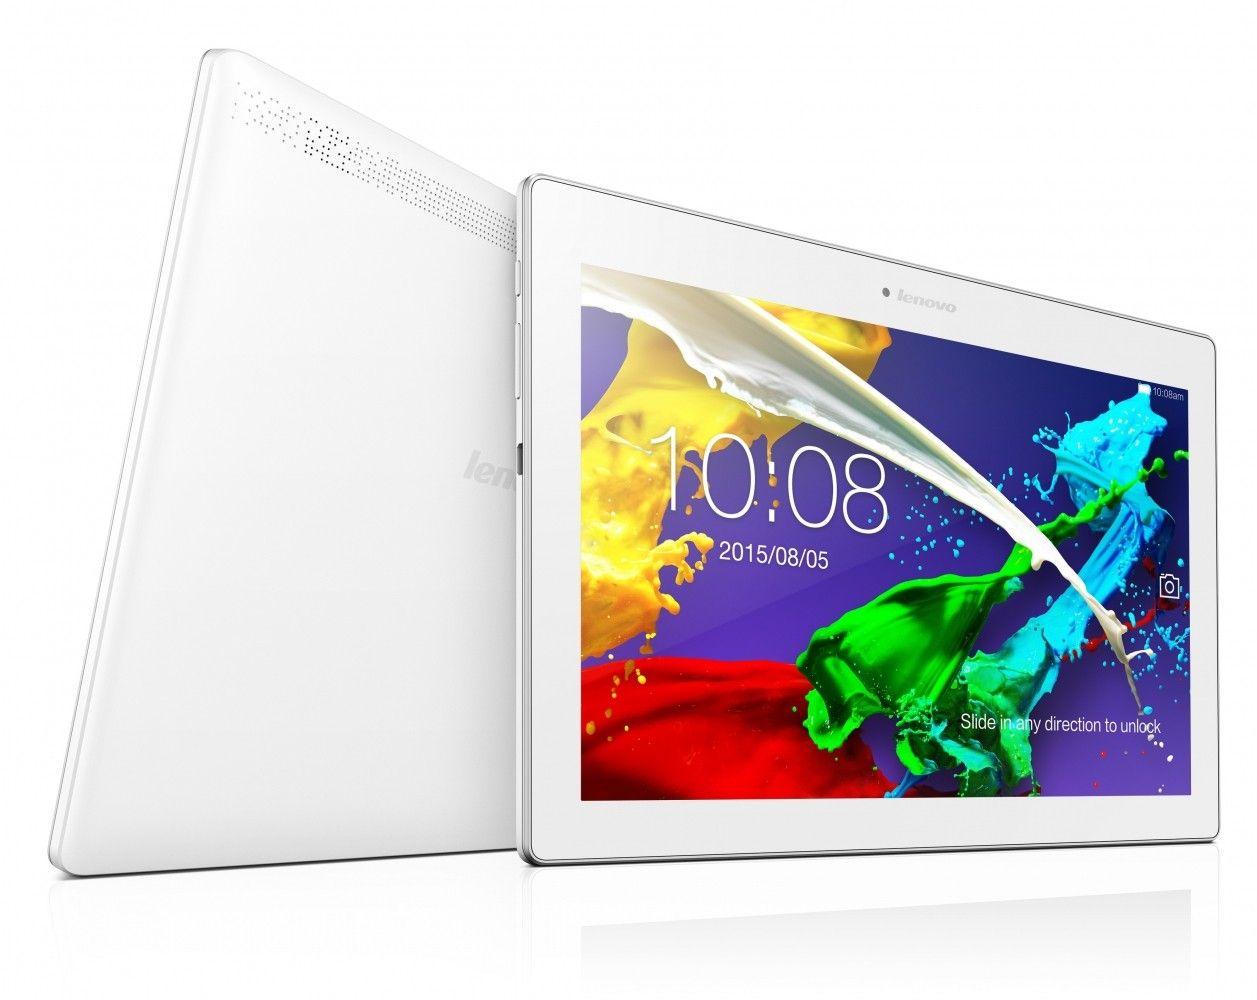 Планшет Lenovo Tab 2 A10-30 16GB White (ZA0D0117UA) - 2